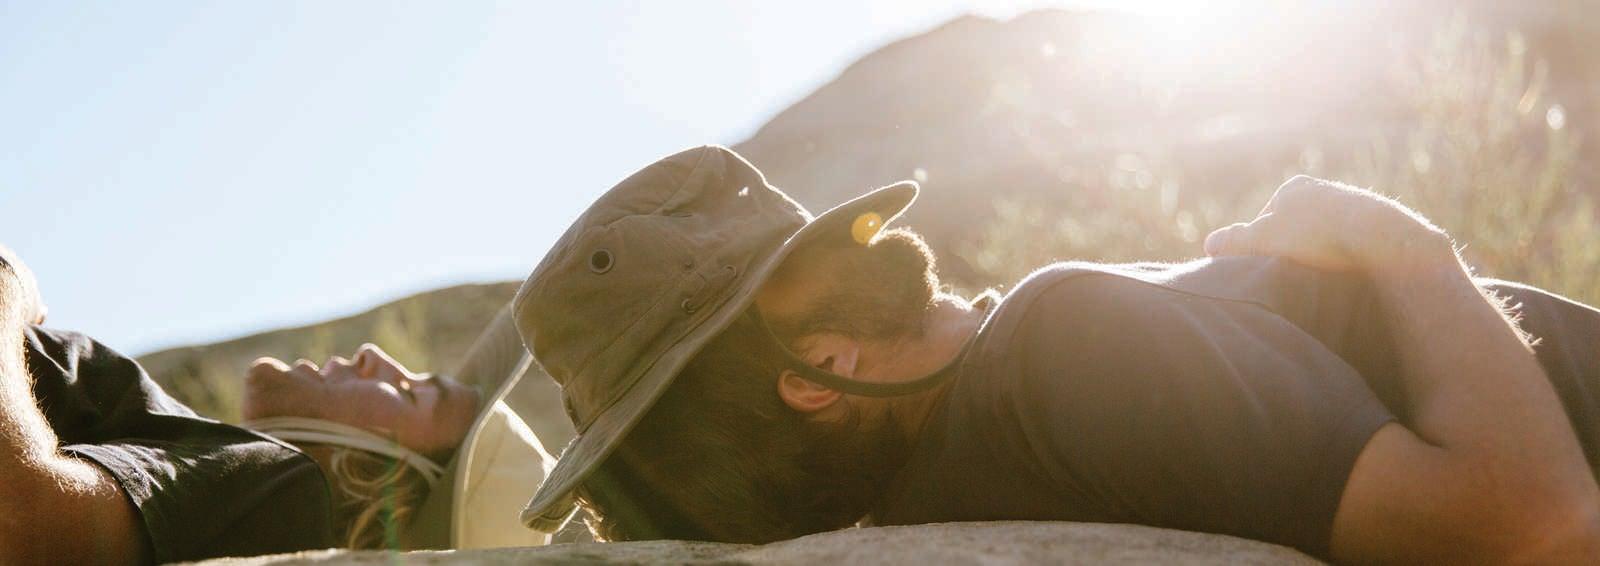 Tilley Travel Hat